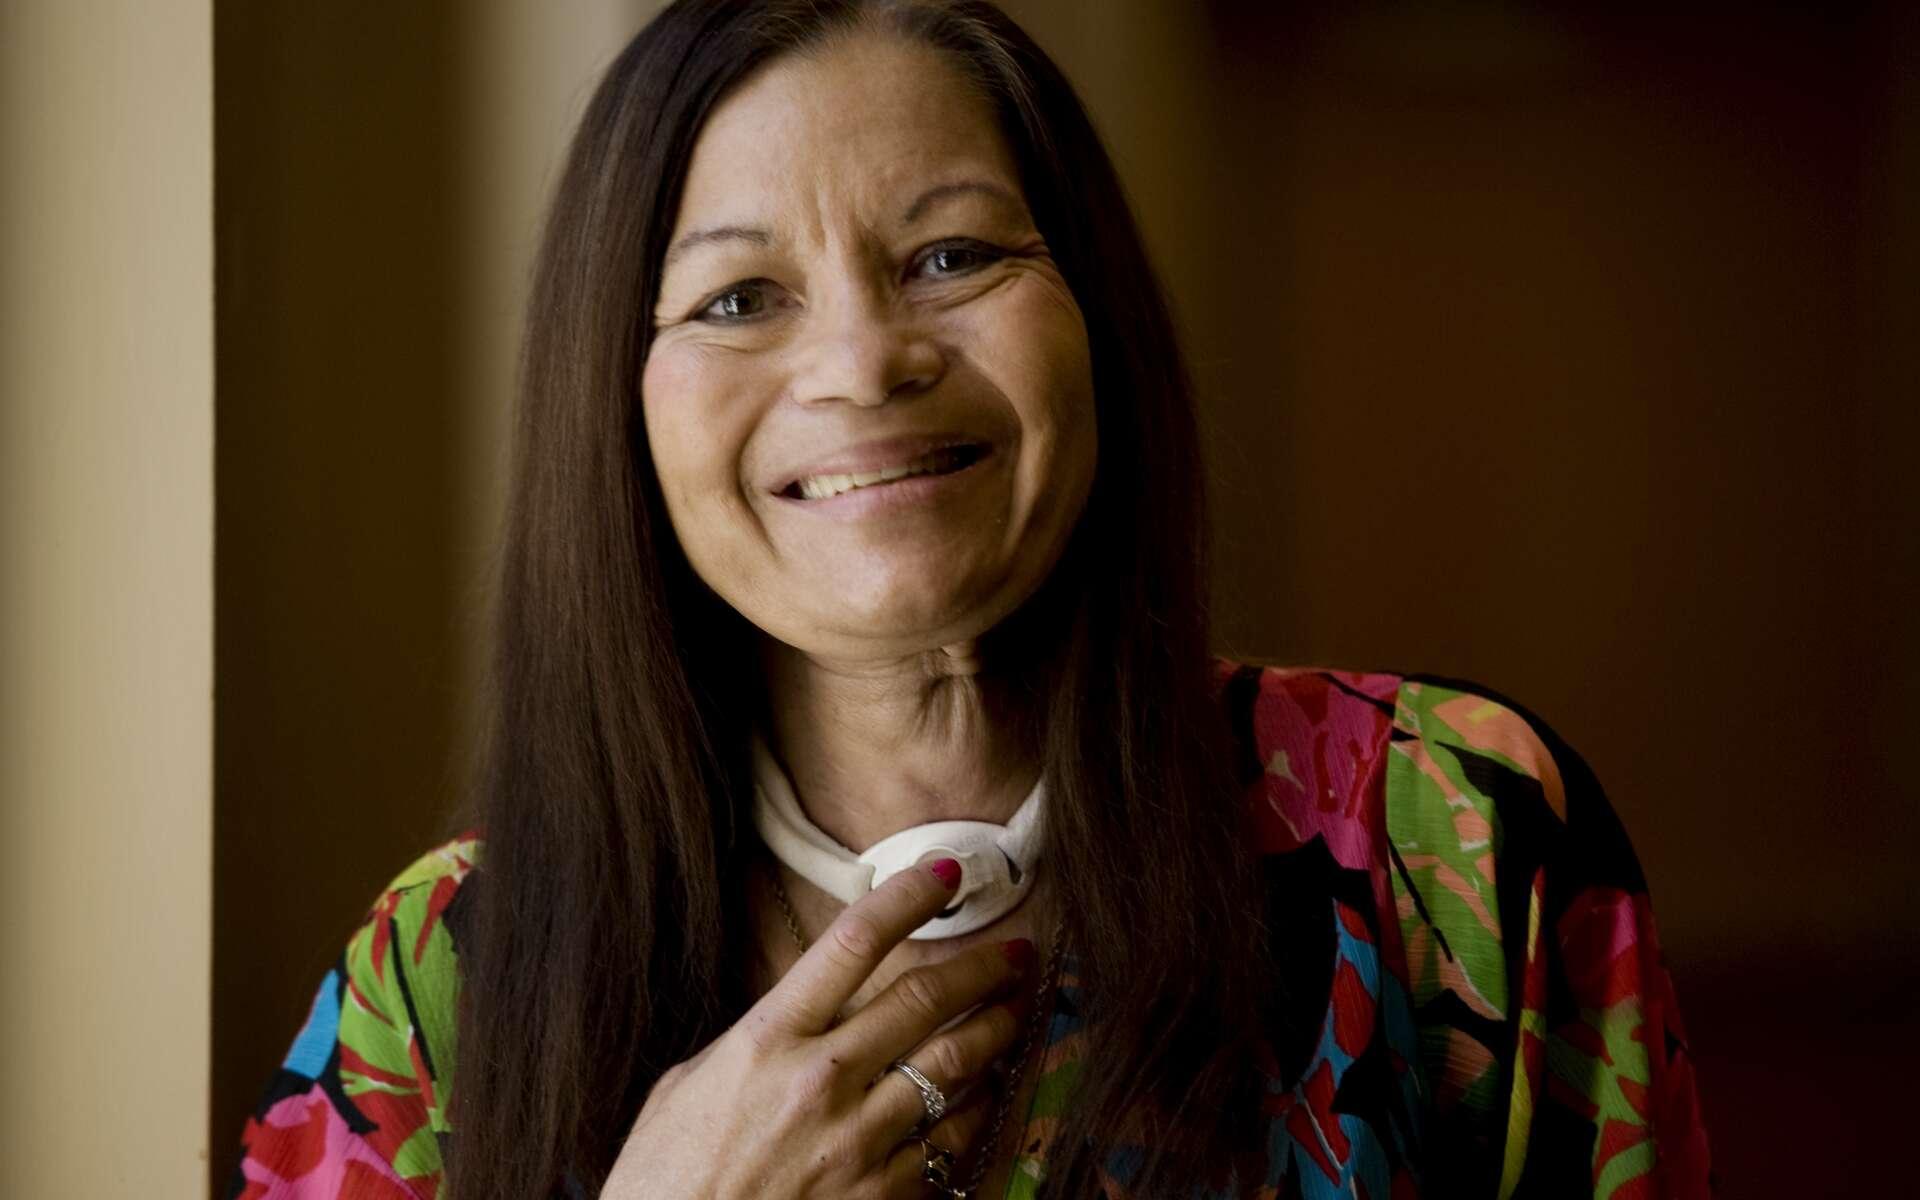 La greffe de larynx a été réalisée avec brio sur une Américaine de 52 ans. © UC Davis Health System